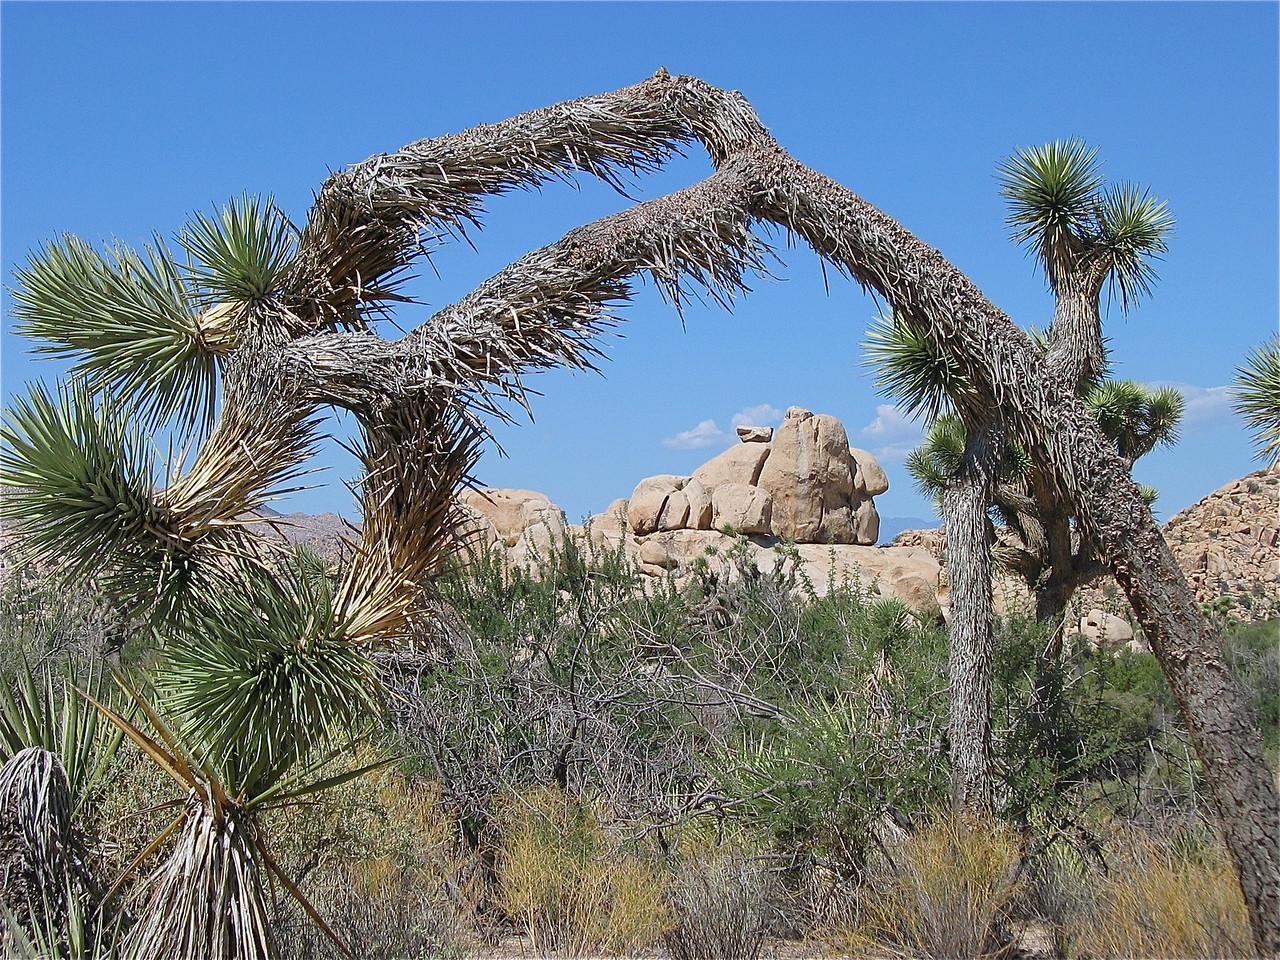 Joshua Tree = a tree of life. Joshua Tree National Park, California, USA.